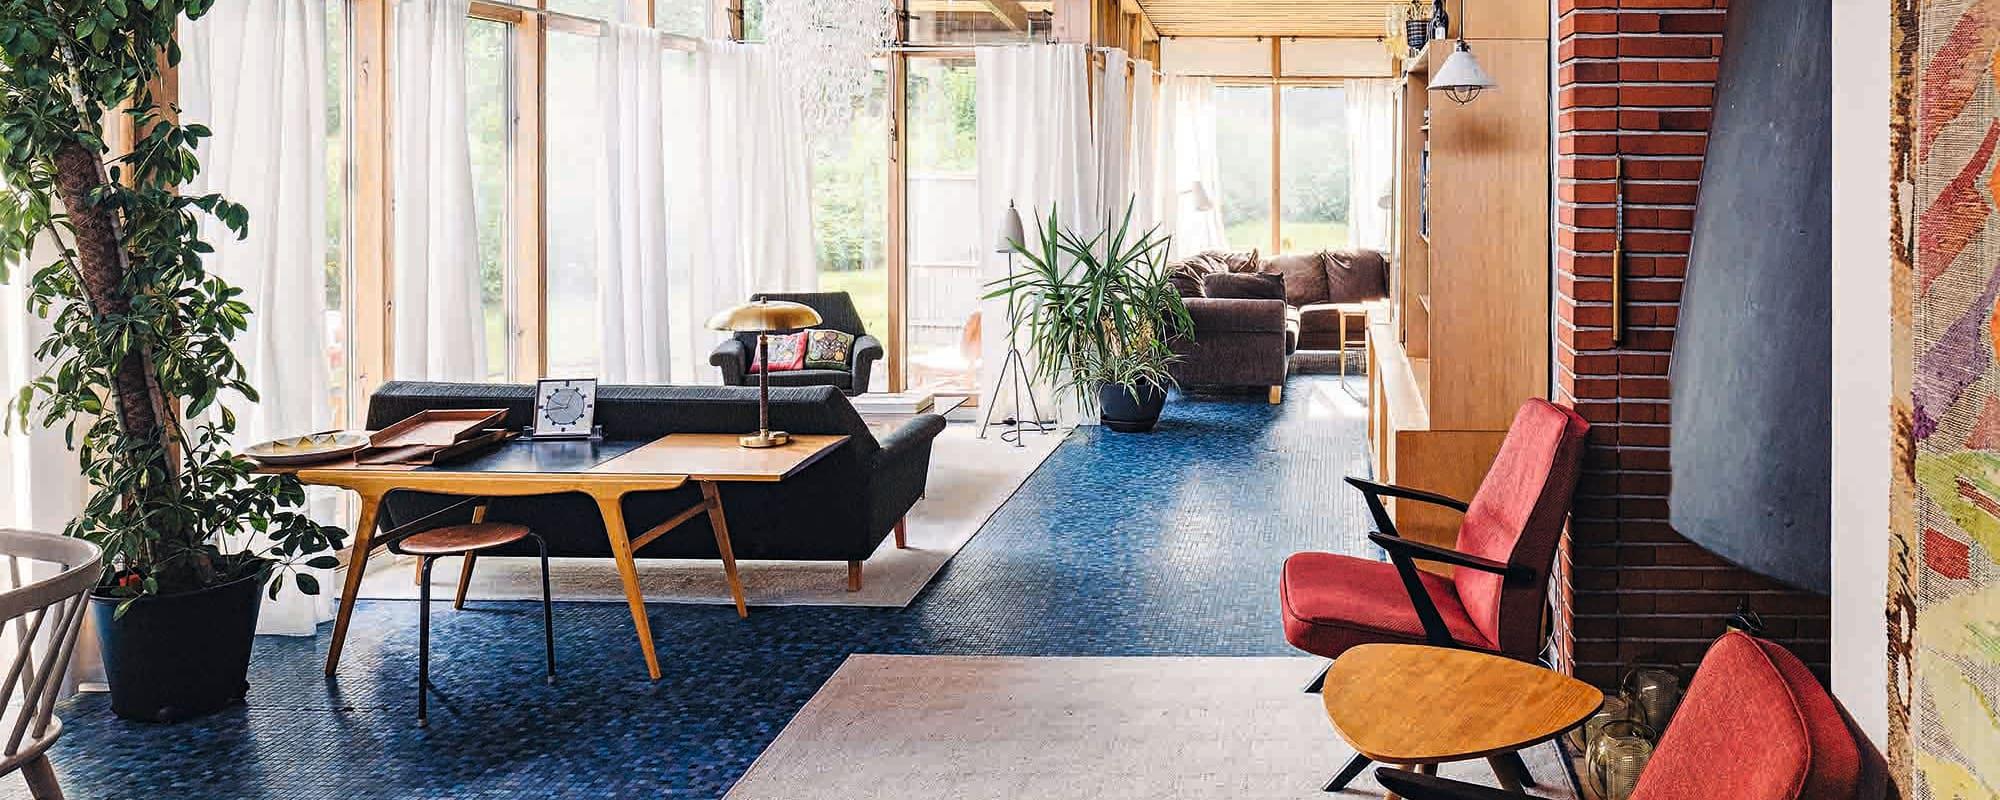 Möbeldesigner Deutschland architektur design interior ad